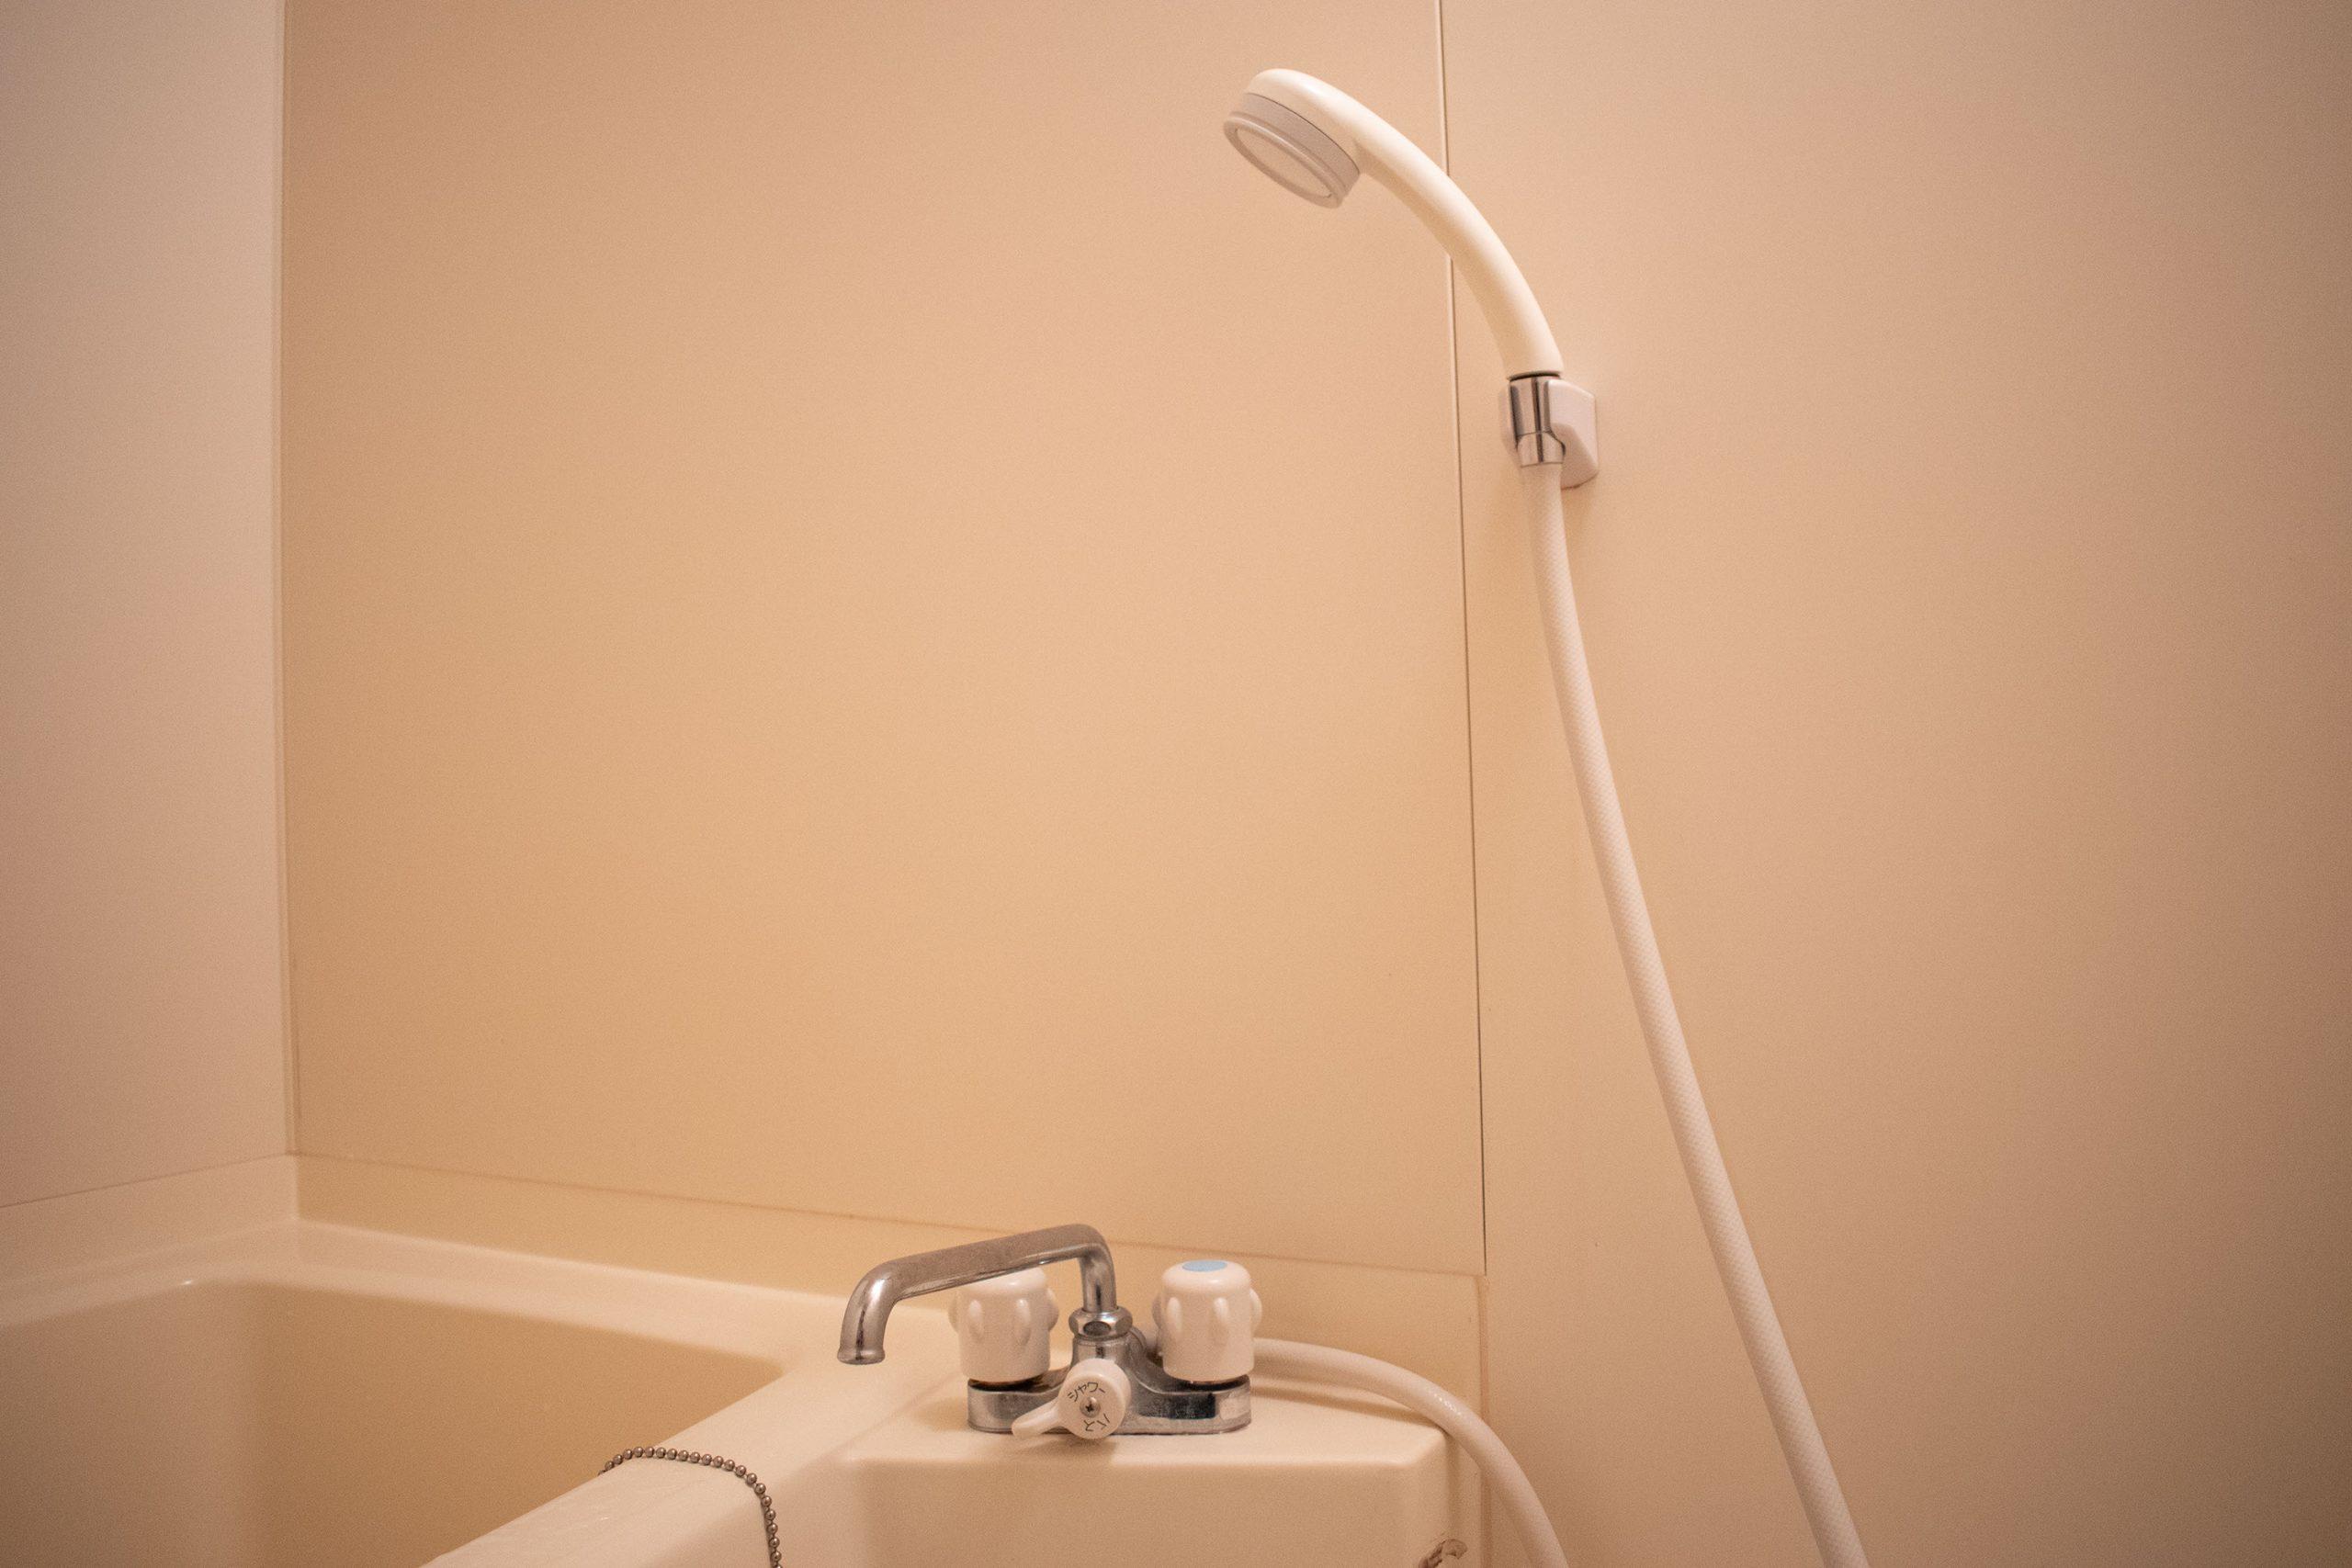 風呂の蛇口水漏れ